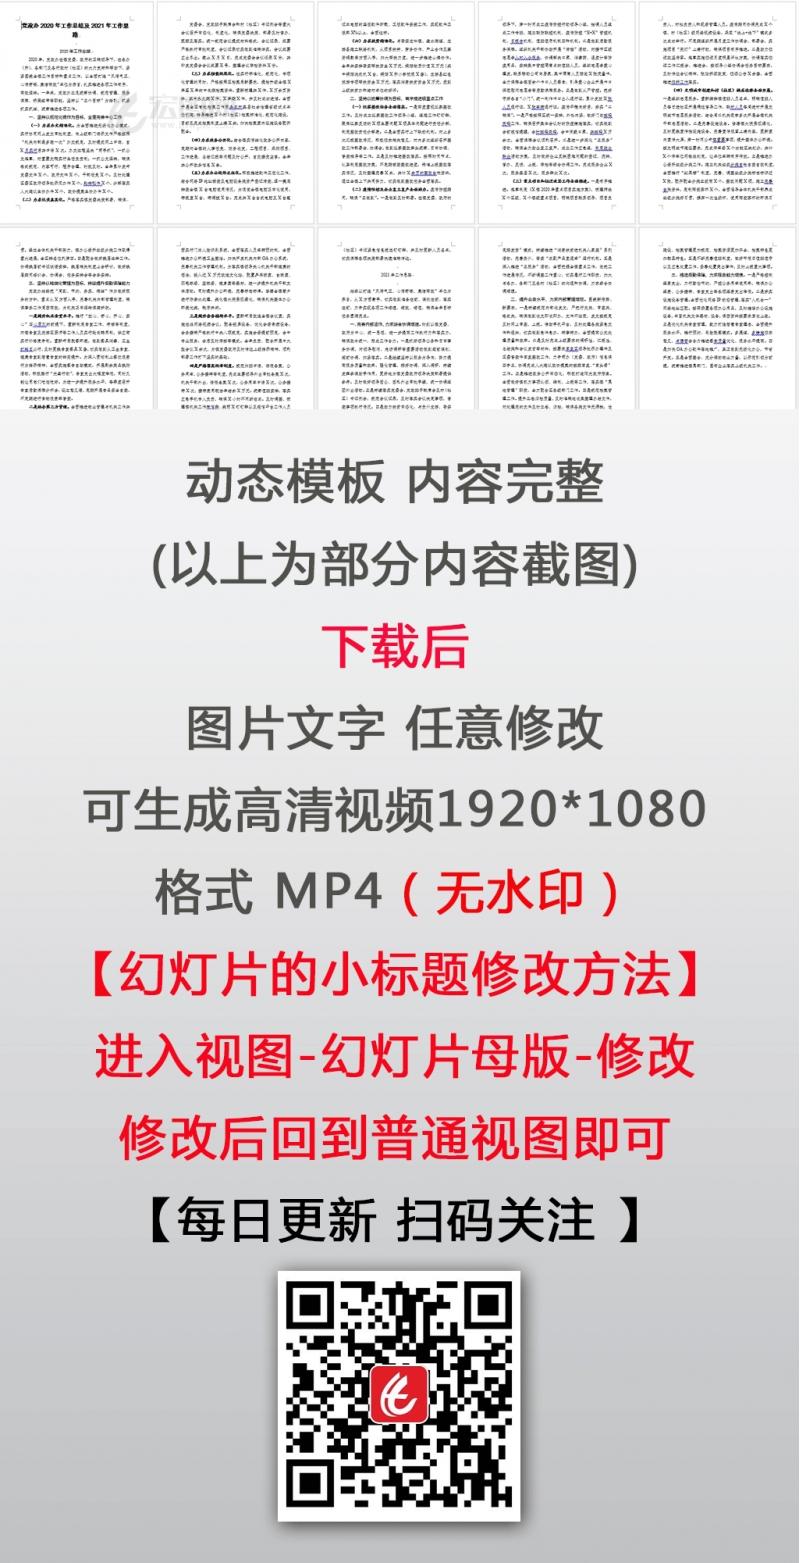 党政办2020年工作总结及2021年工作思路党课PPT模板